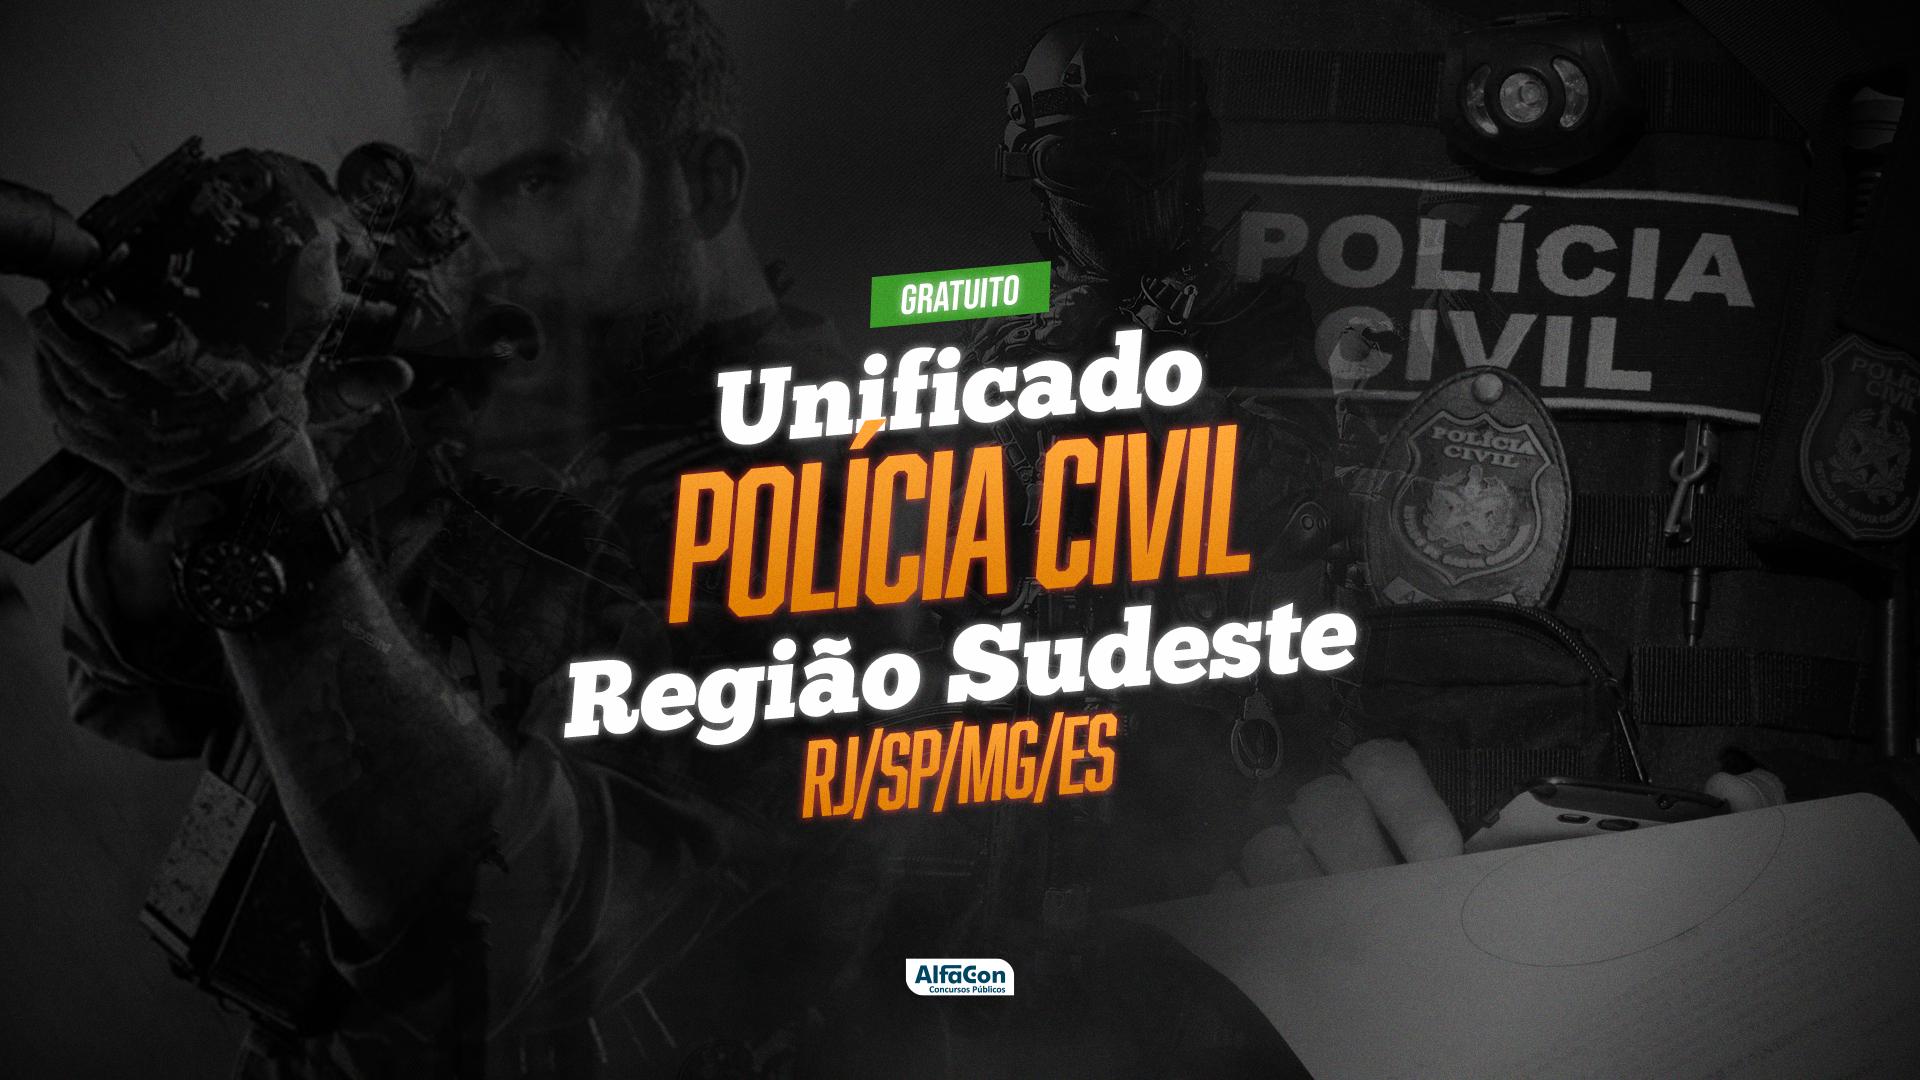 Unificado Polícia Civil - Região Sudeste - GRATUITO